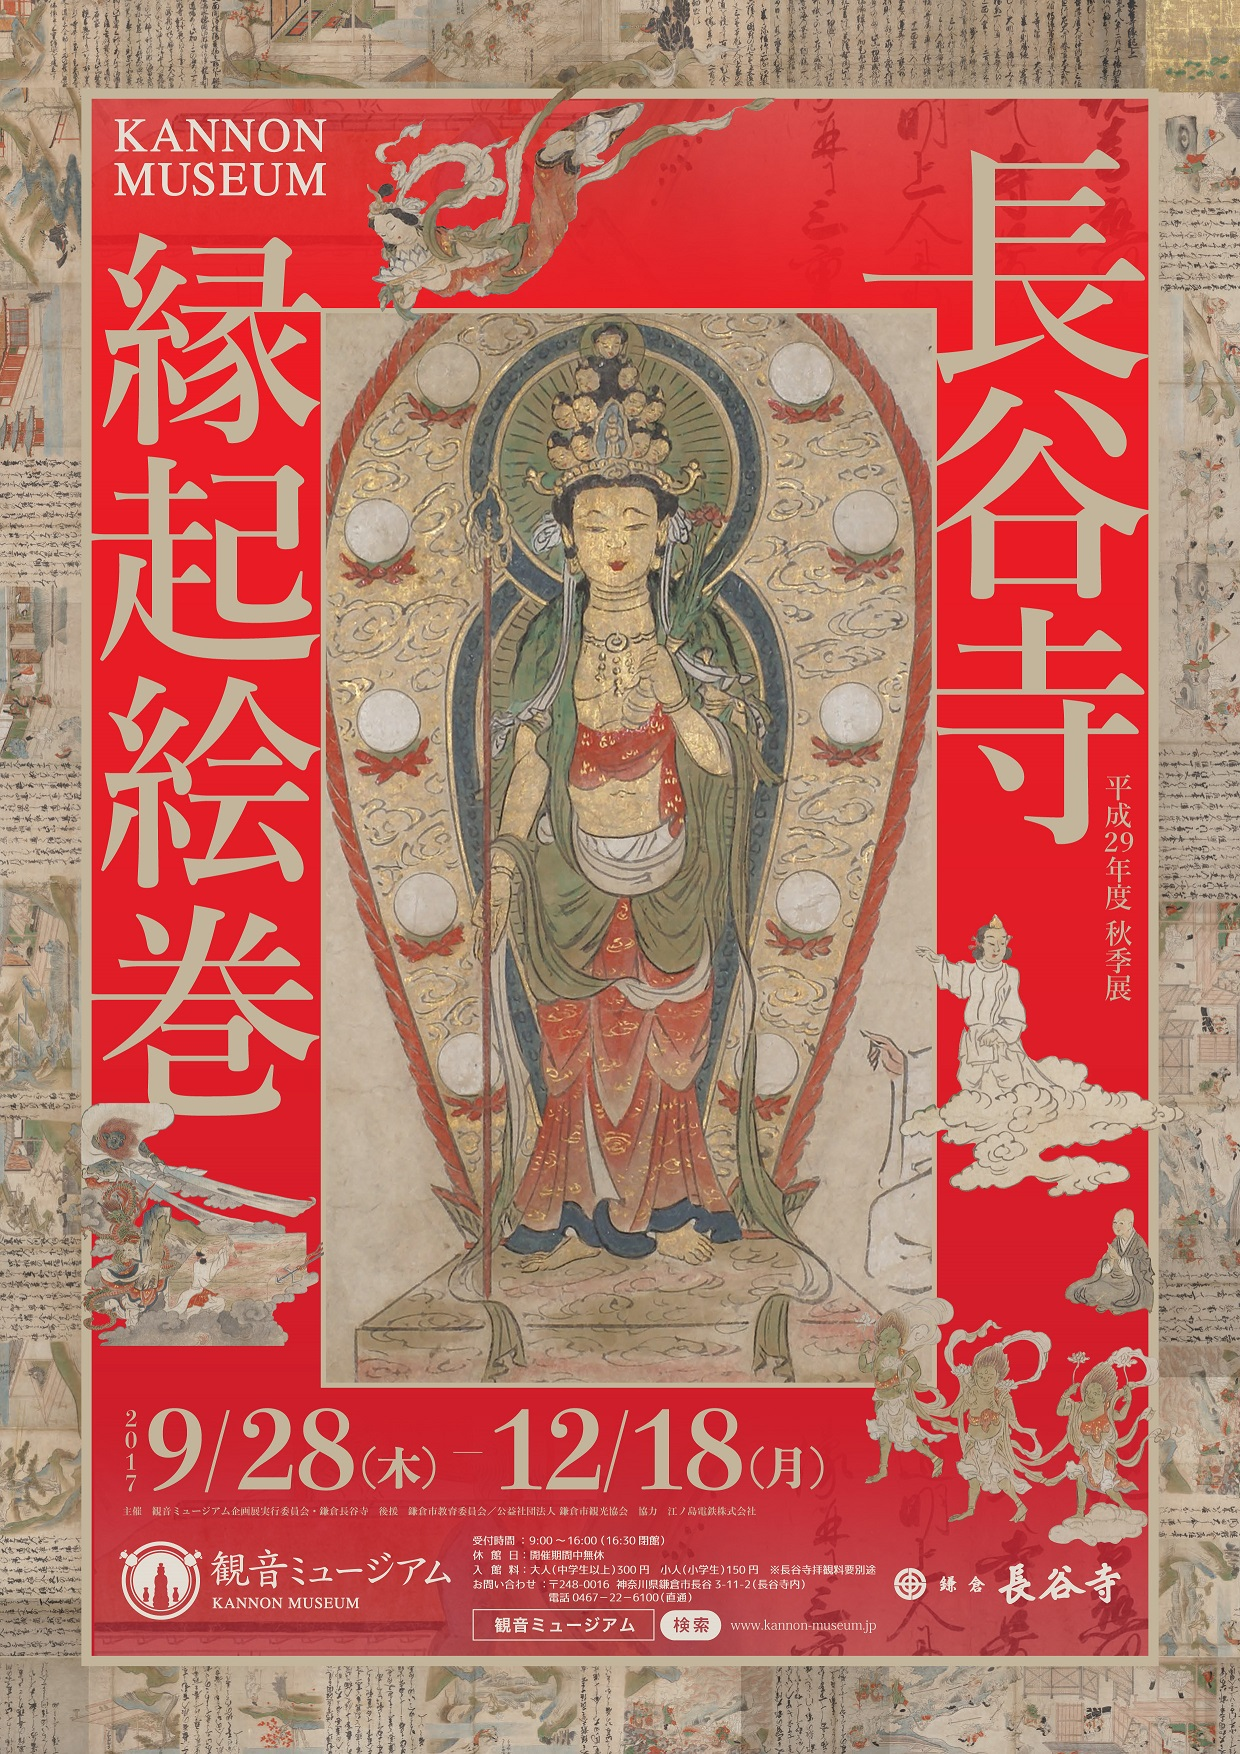 170913_flyer-A4_02